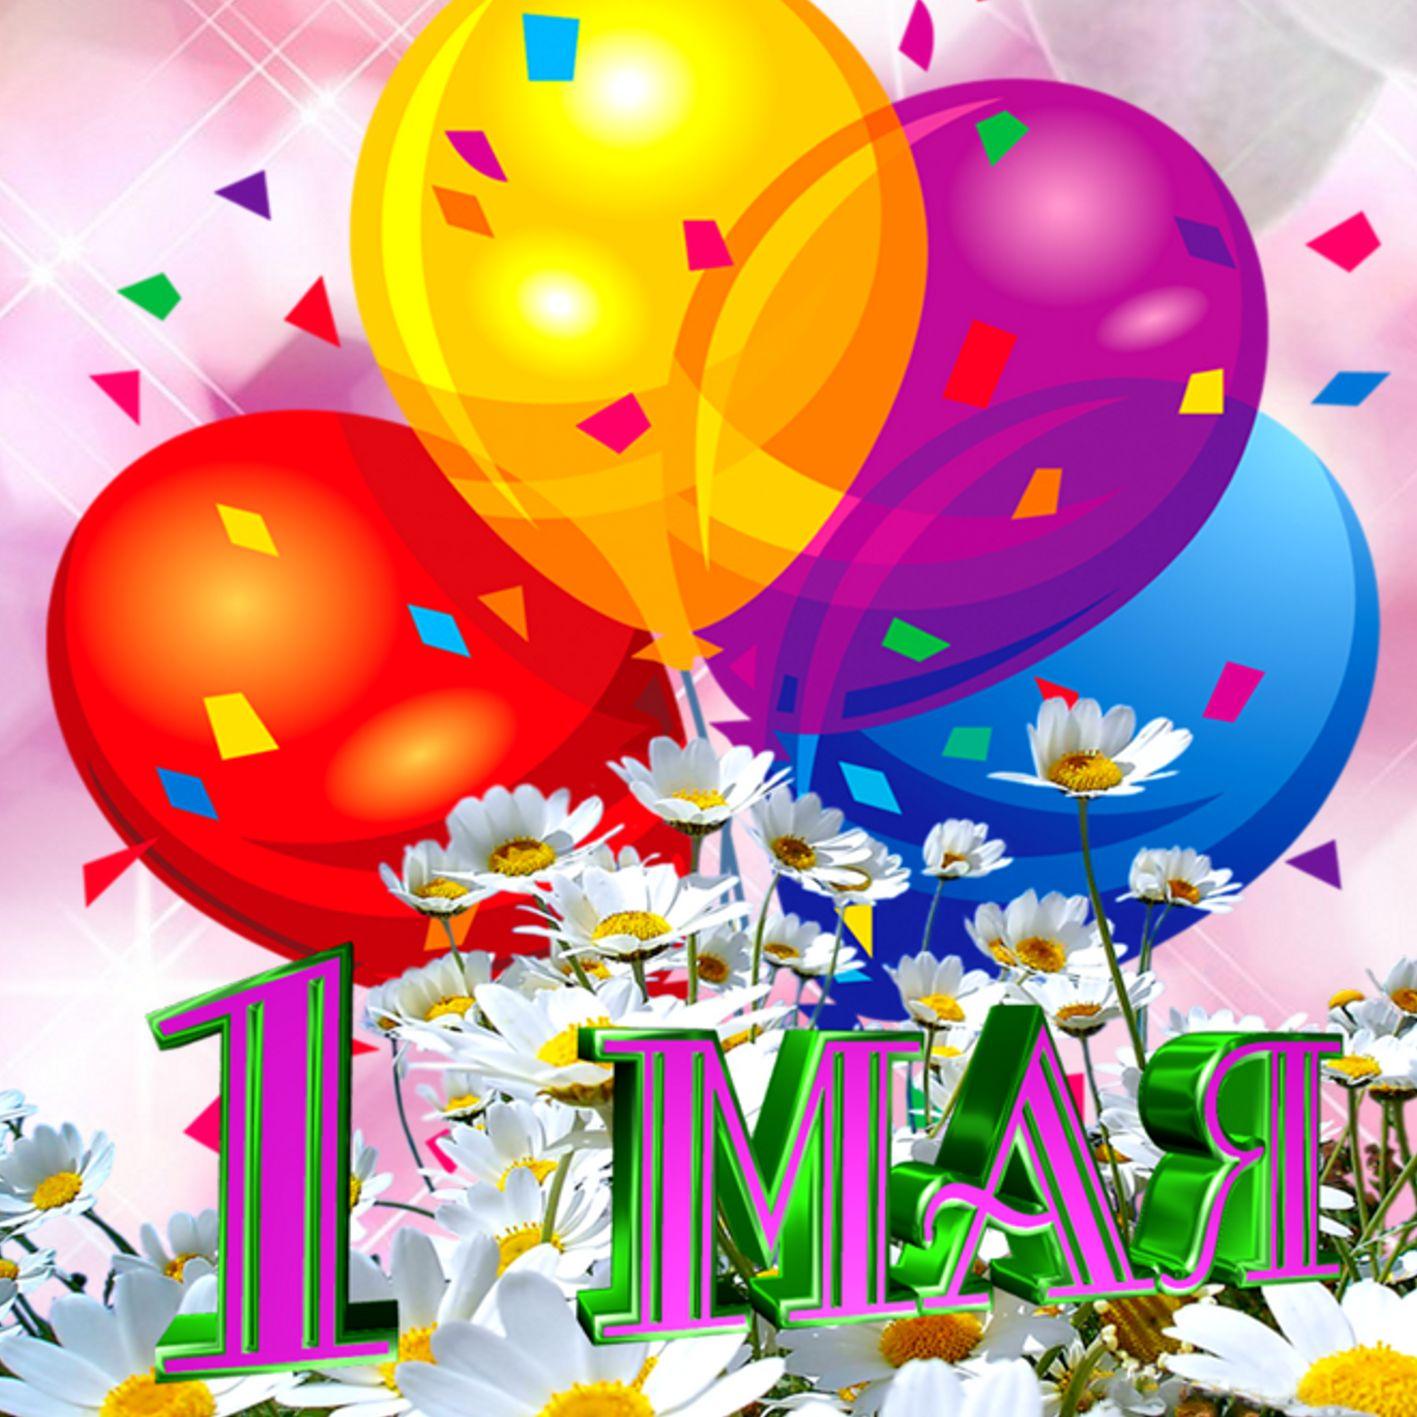 Поздравления первым маем картинки, днем рождения